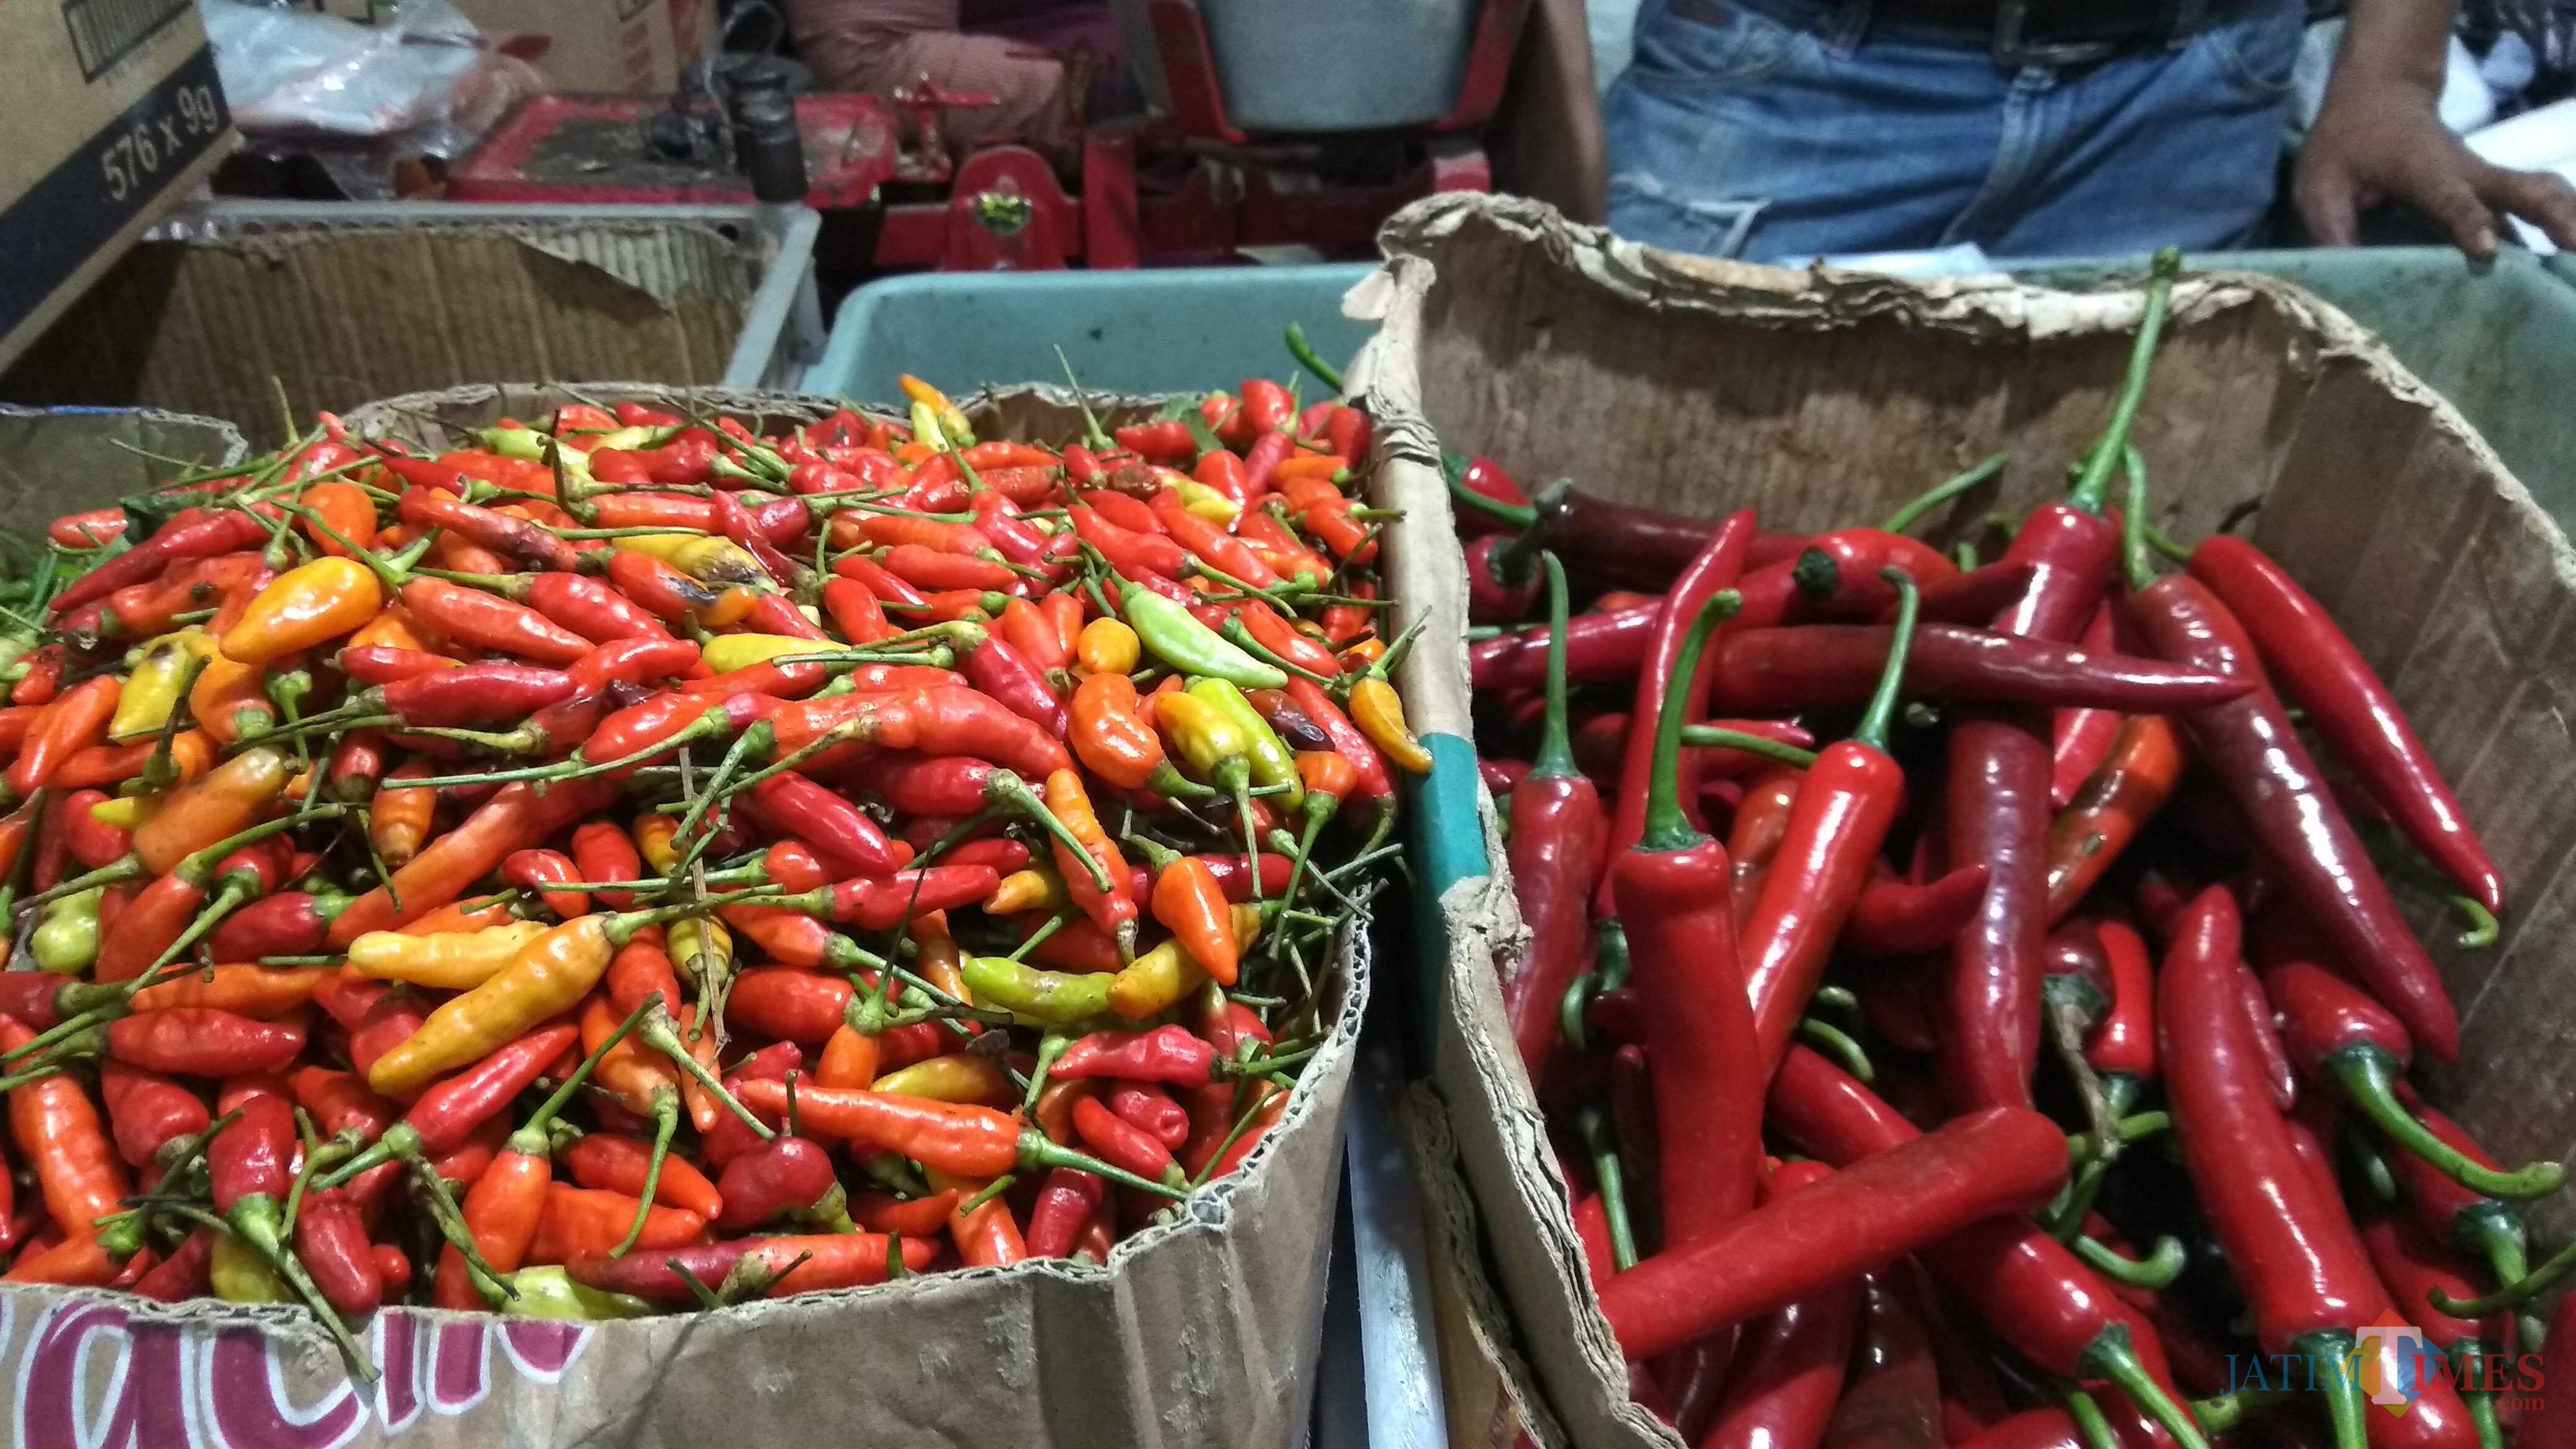 Komoditas cabai mengalami penurunan harga di pasar-pasar tradisional Kota Malang. (Foto: Nurlayla Ratri/MalangTIMES)